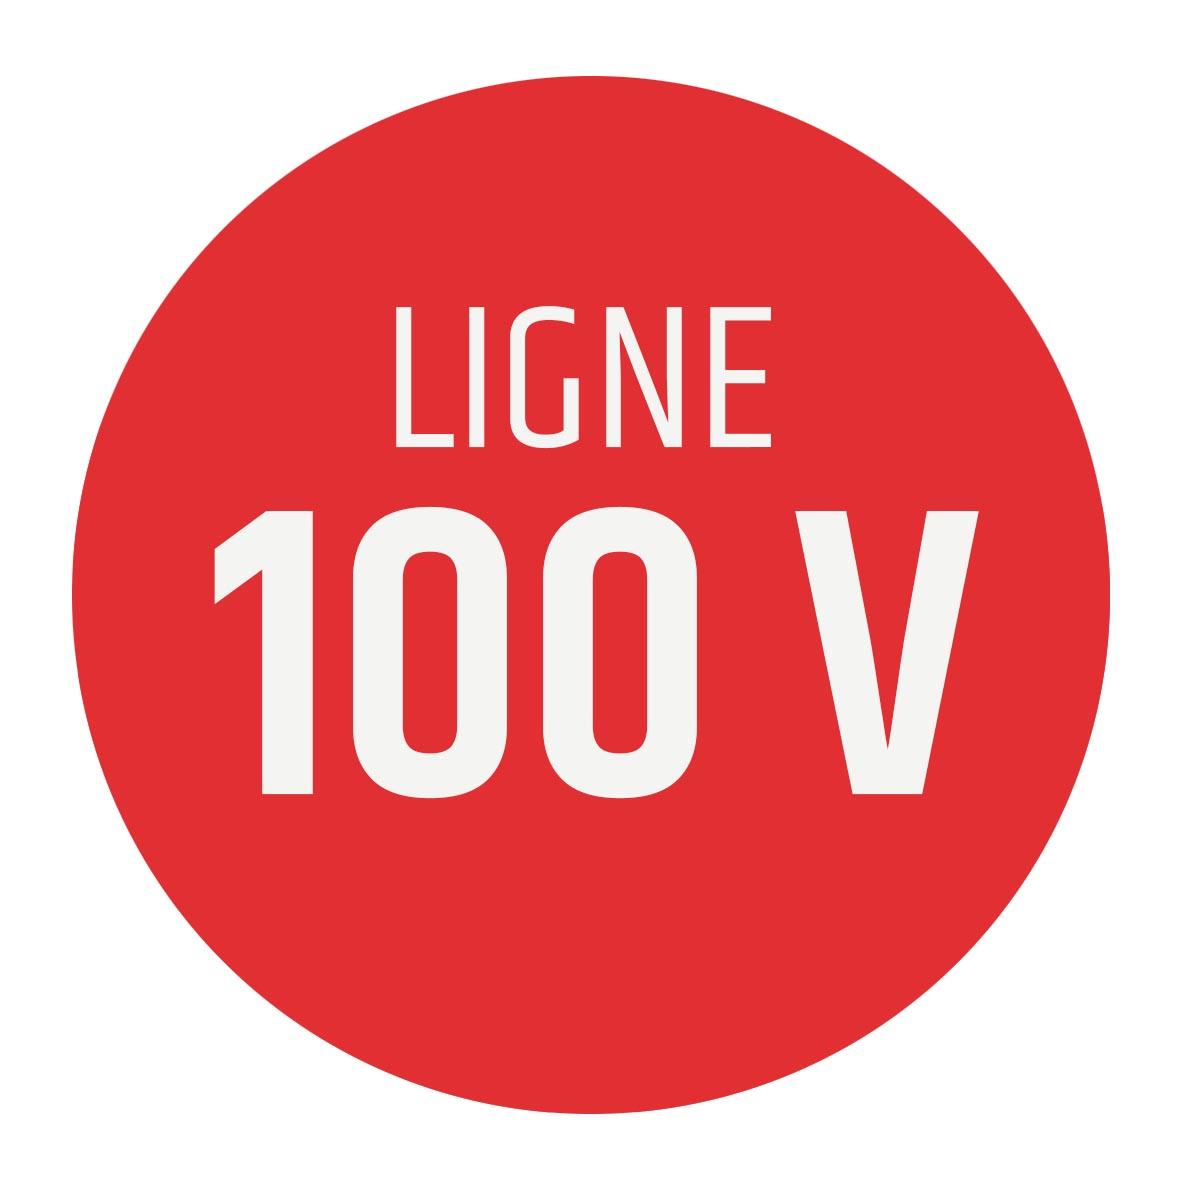 logo ligne 100 V